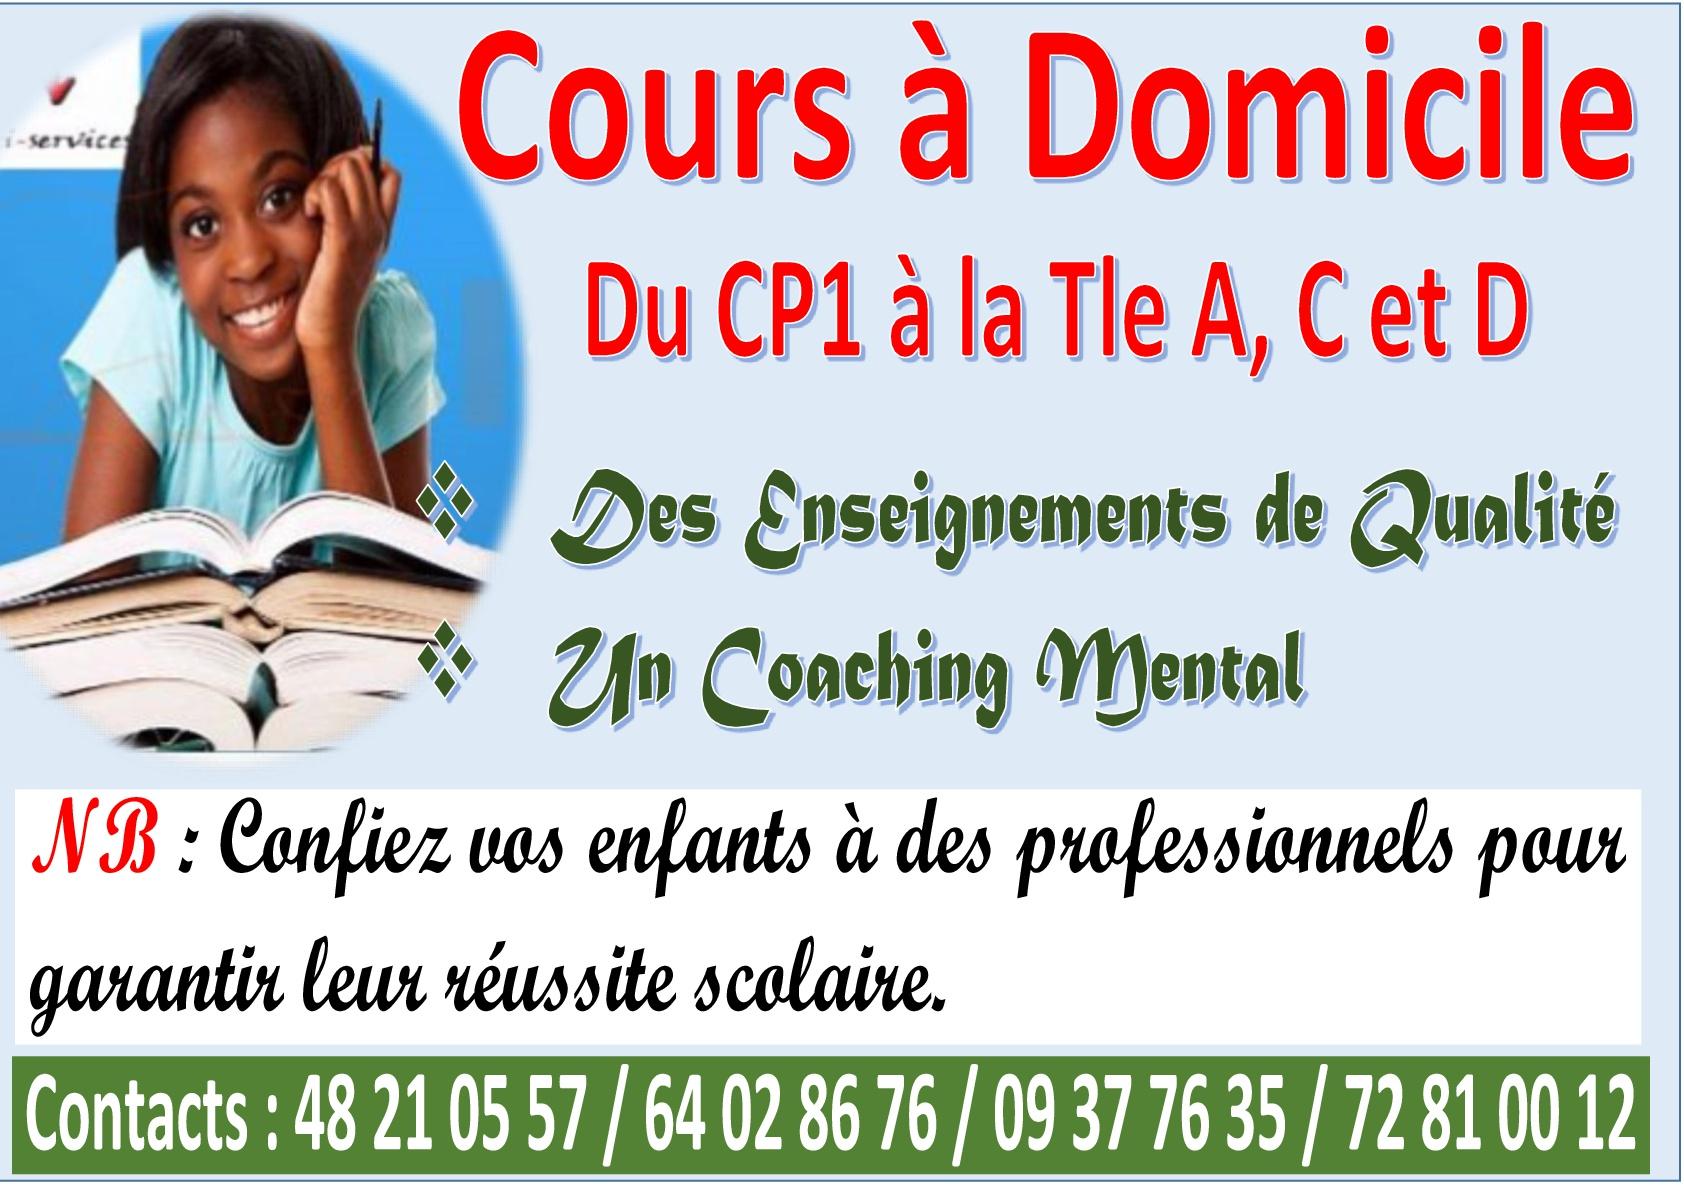 COURS A DOMICILE - Annonces - Educarriere.ci